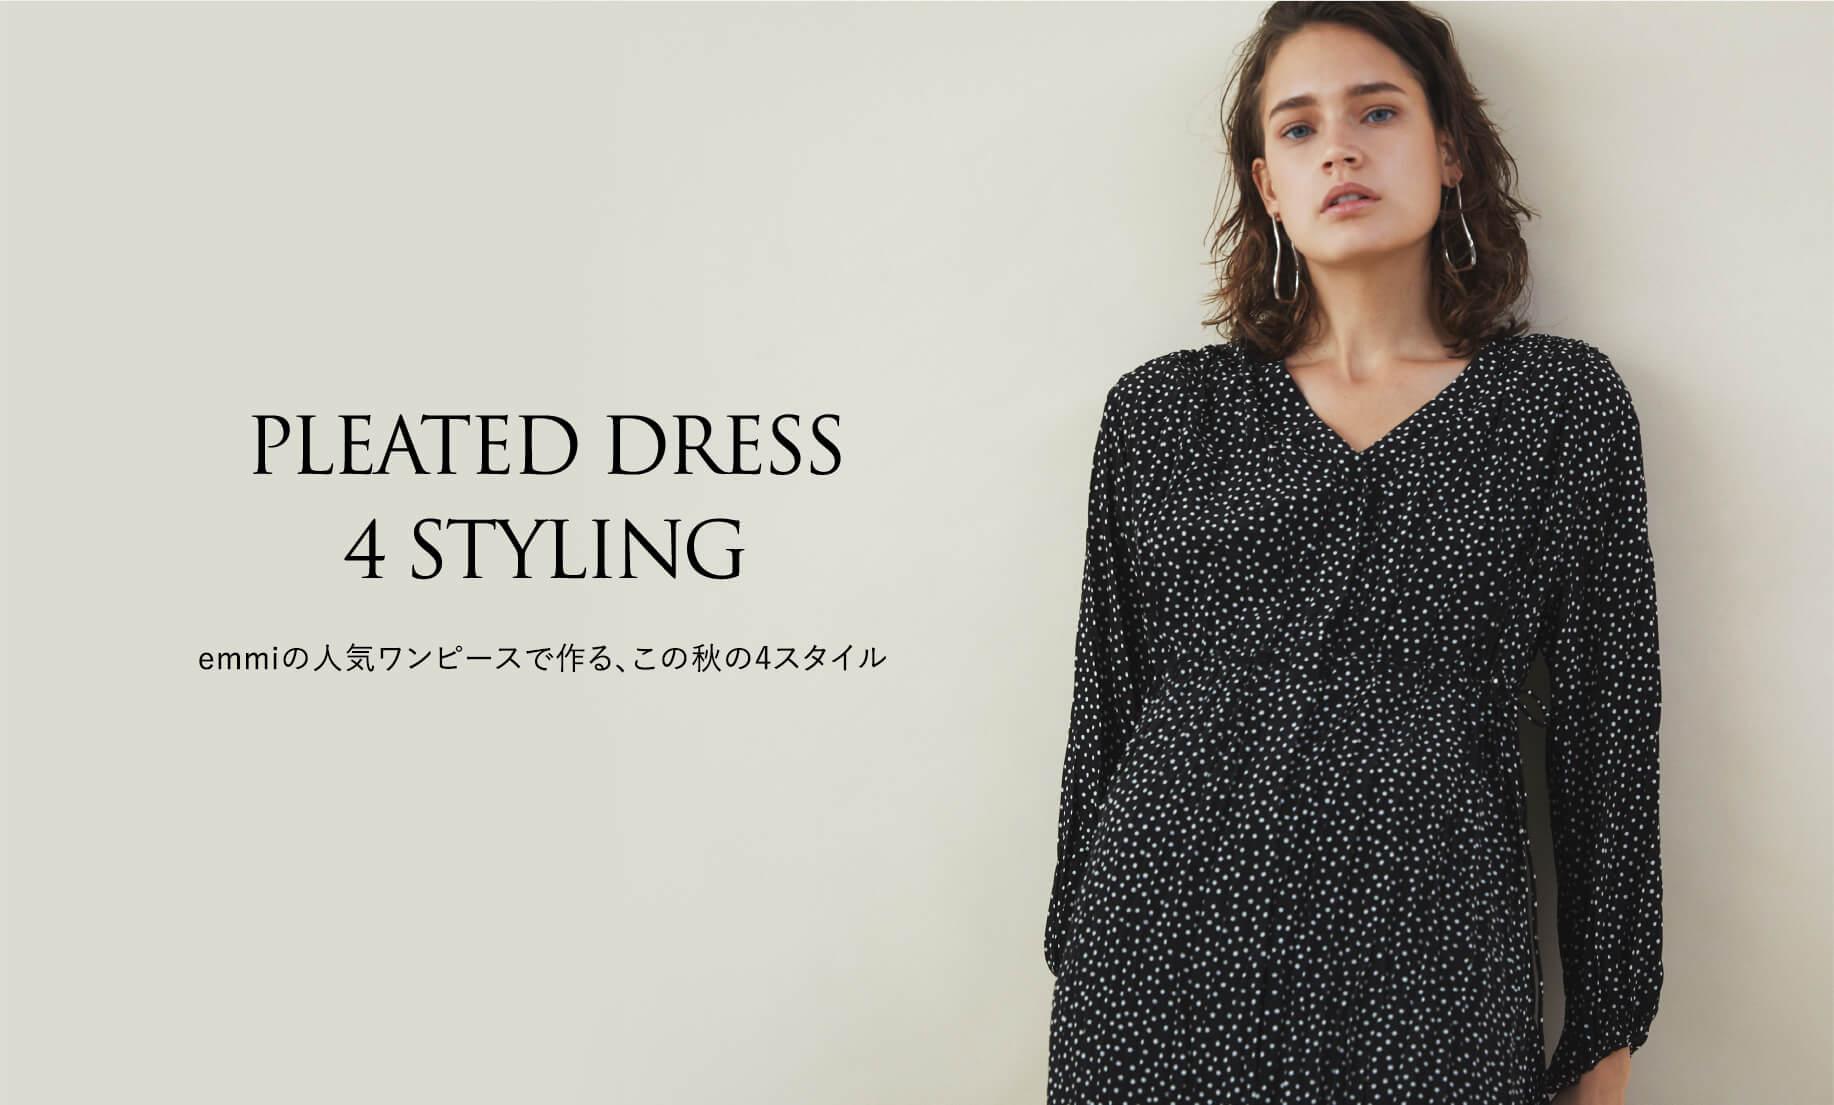 PLEATED DRESS 4 STYLING emmiの人気ワンピースで作る、この秋の4スタイル